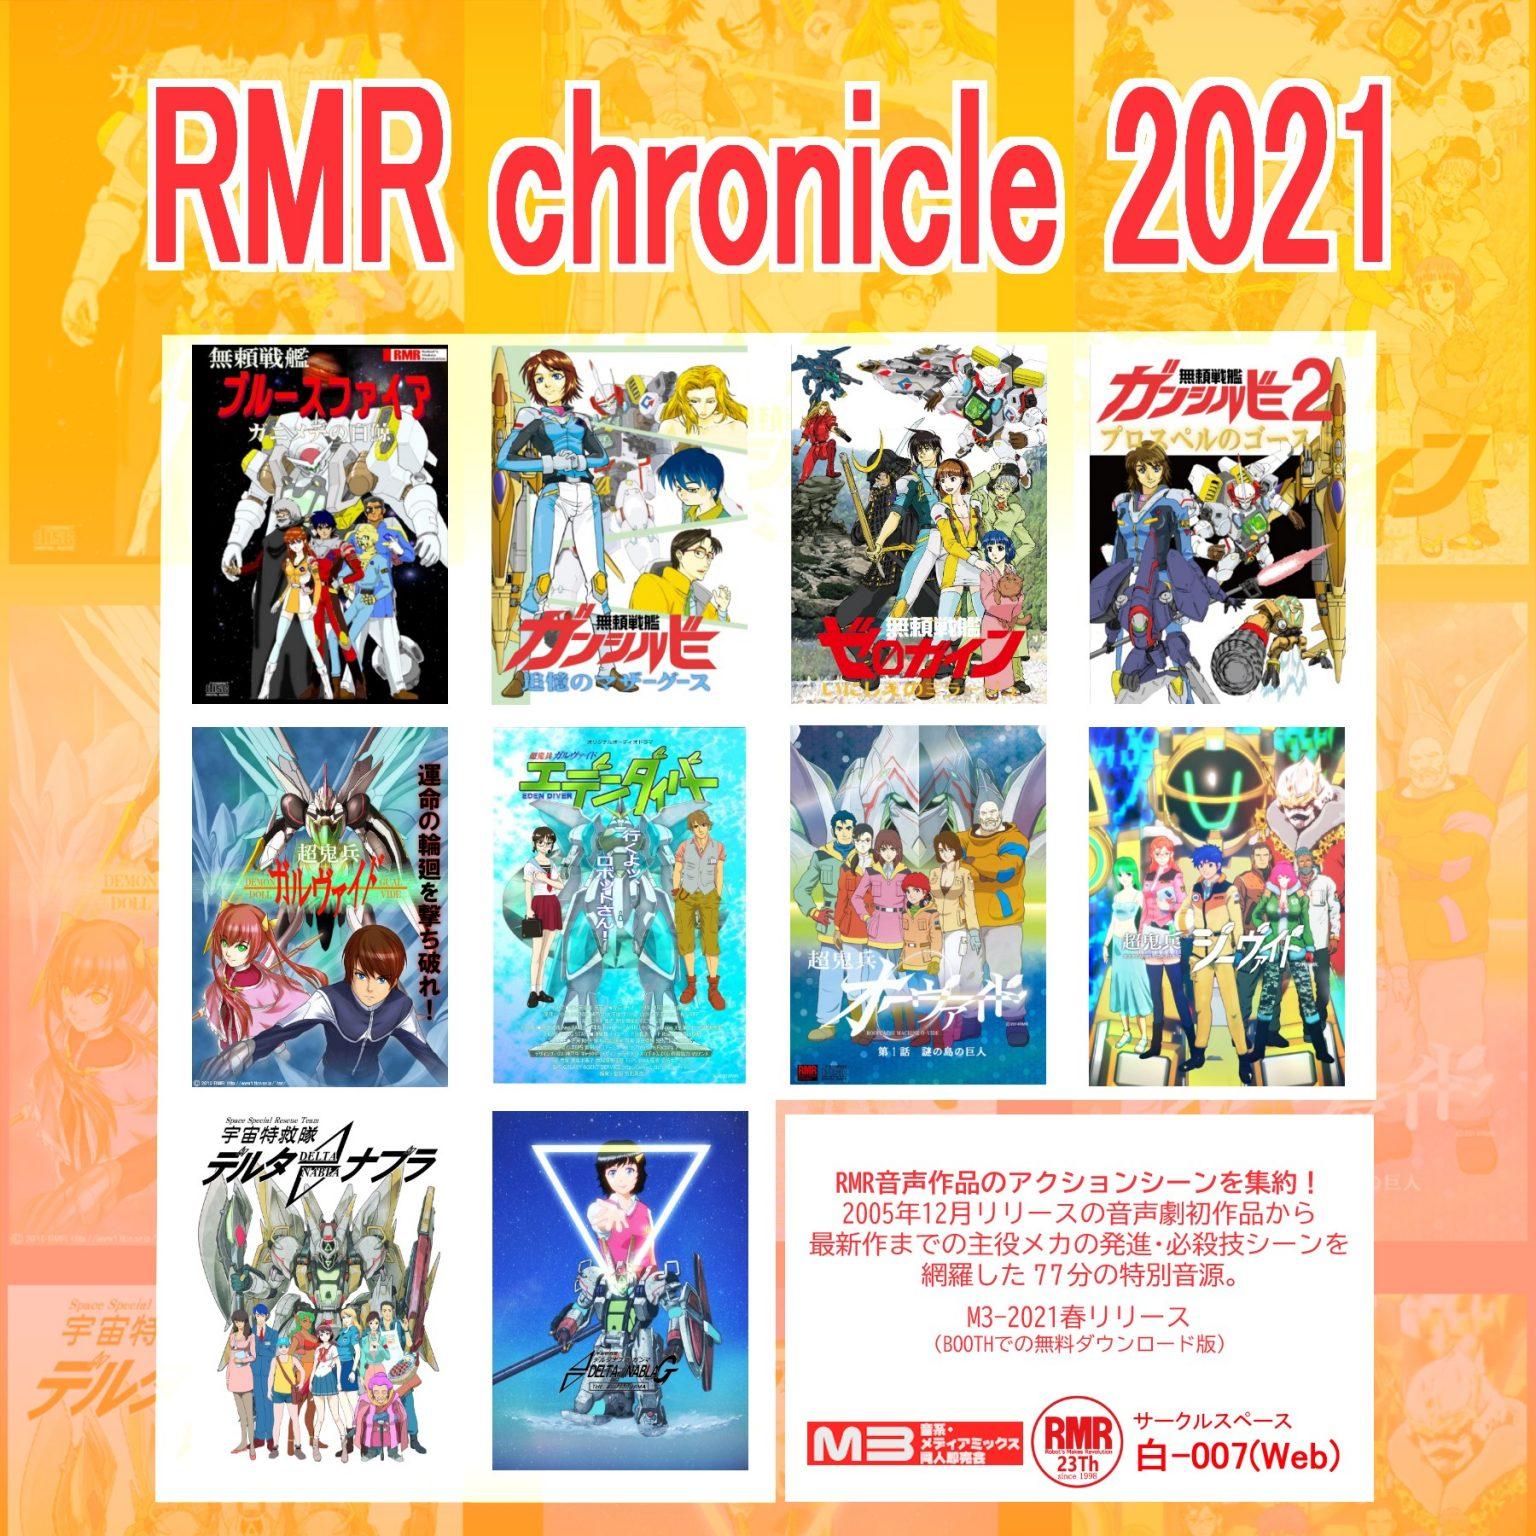 RMR chronicle 2021